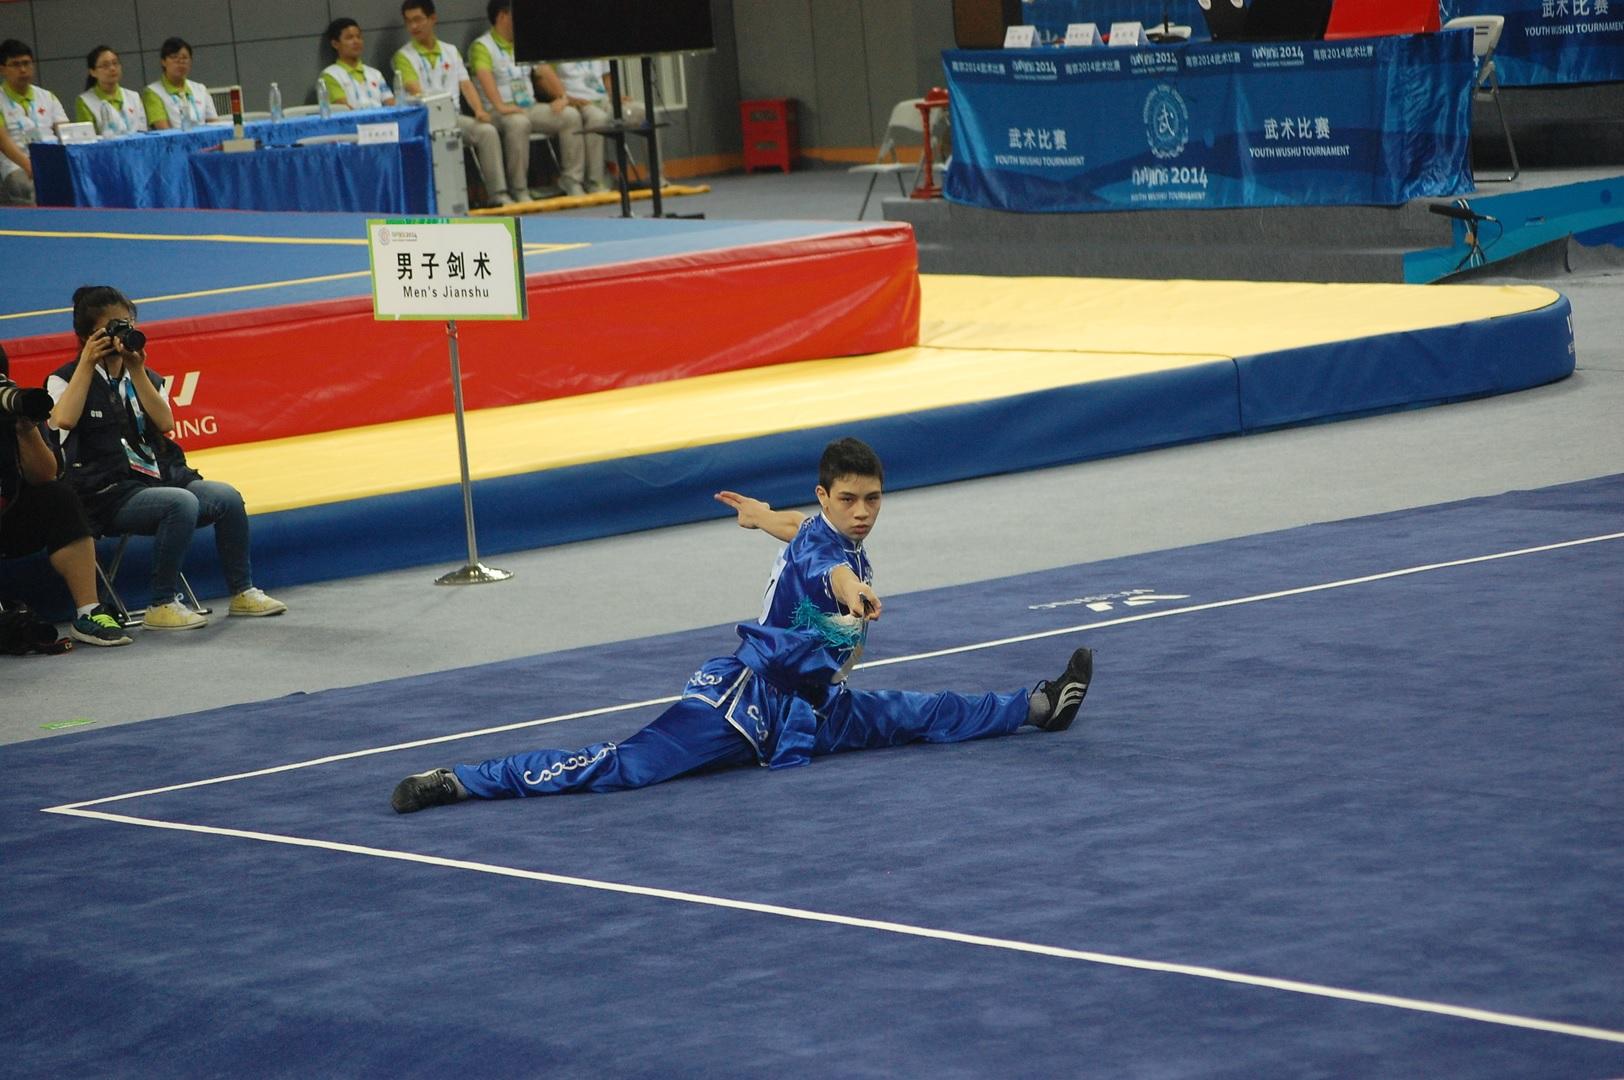 wayland-li-wushu-toronto-world-championships-china-jianshu.jpg